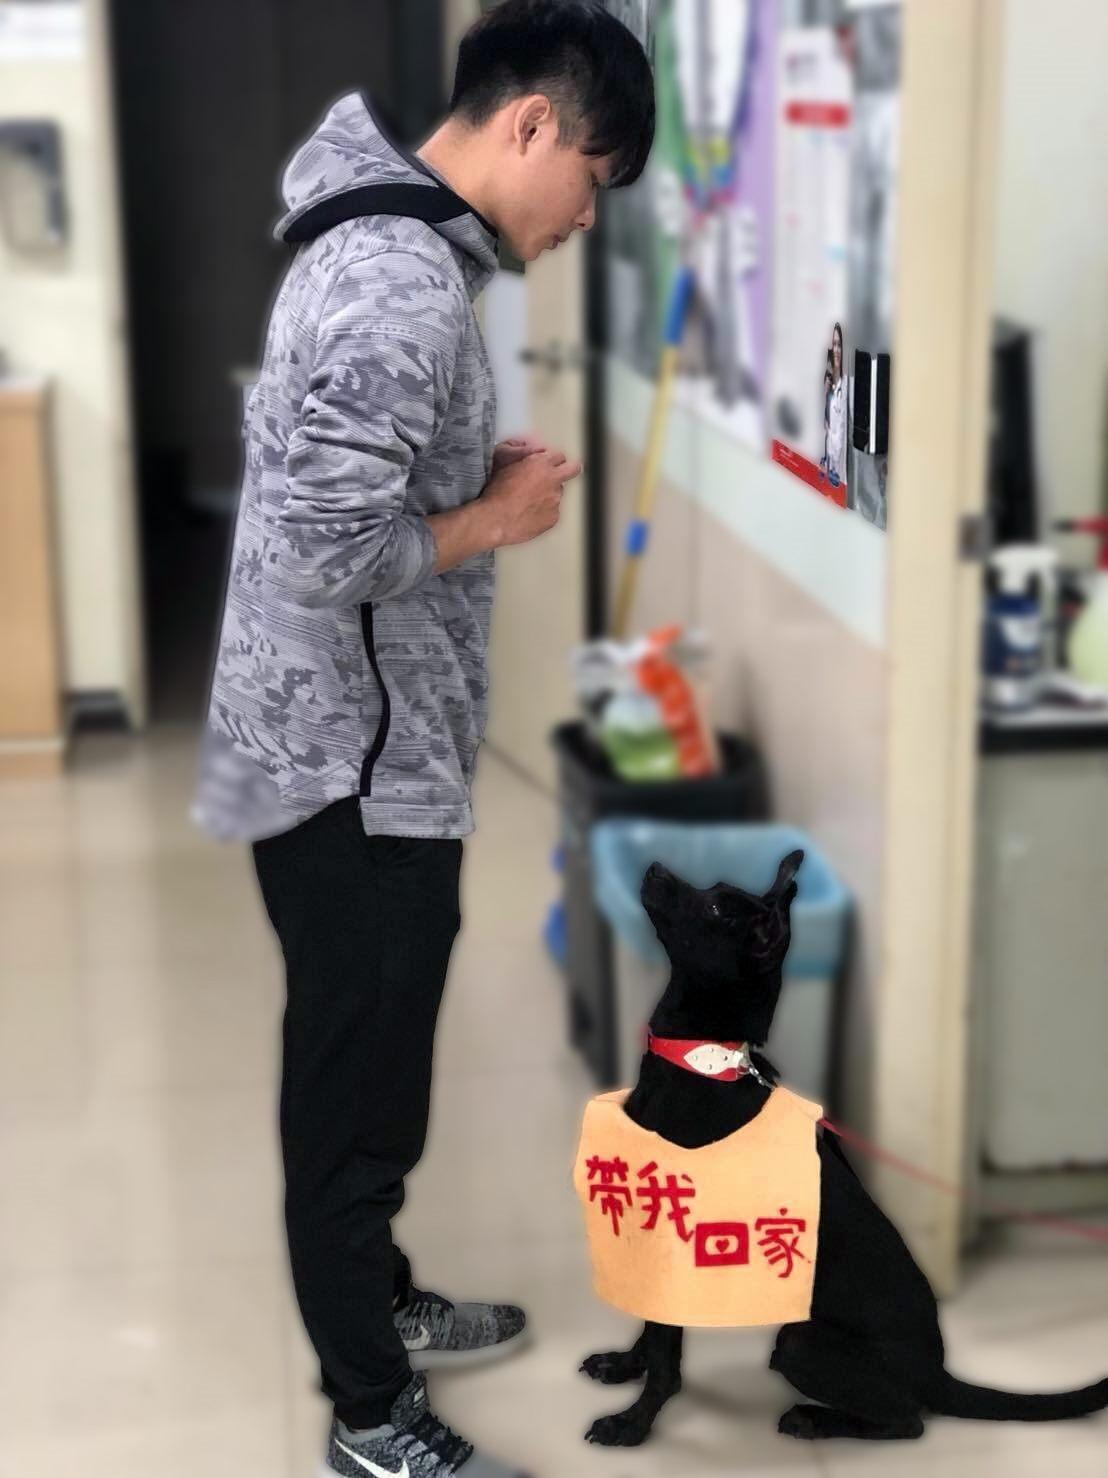 訓練師教導犬隻基本服從及與人互動